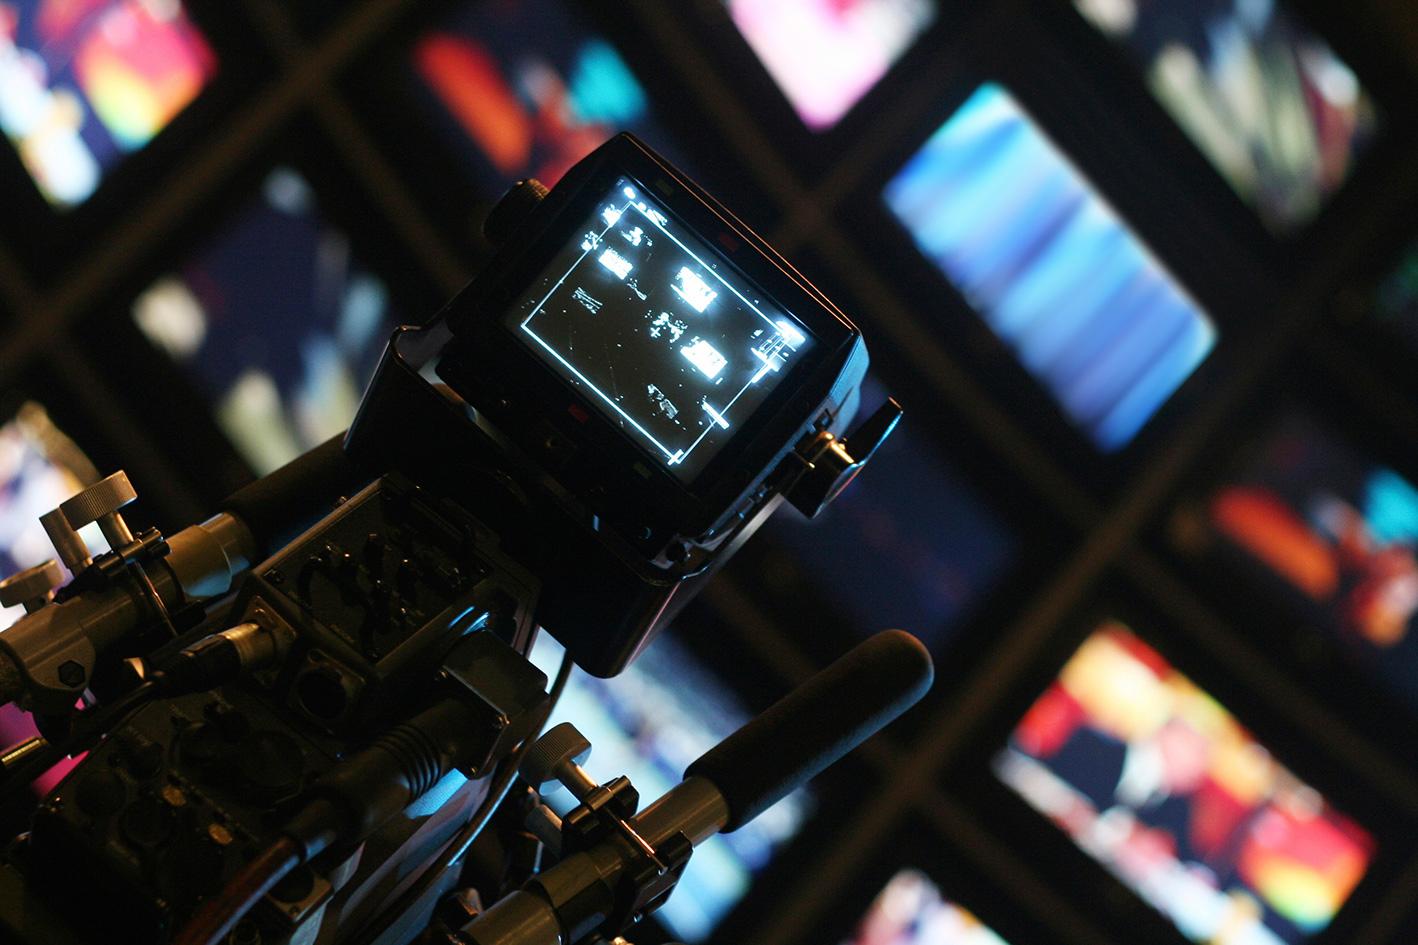 Tv produzioni - Tv. Riforma Tusmar, gli editori criticano il progetto di Franceschini: sottovalutato l'impatto economico e giuridico